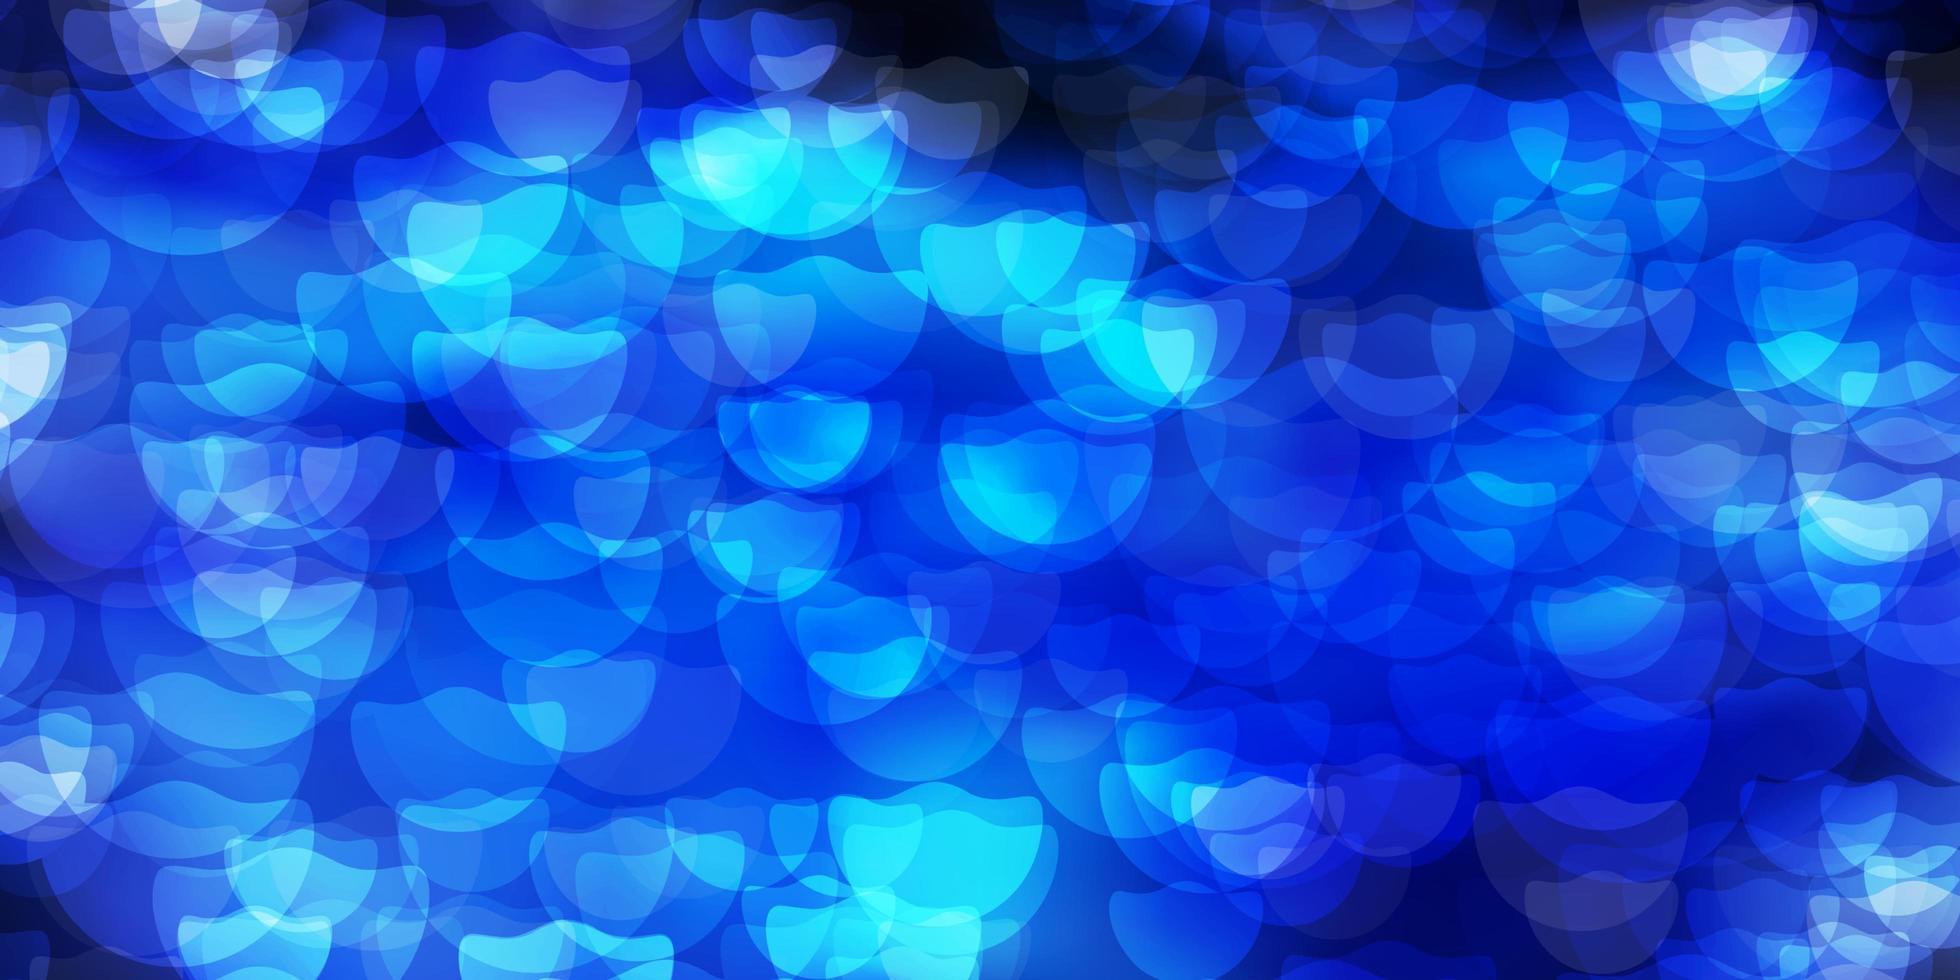 disposition de vecteur bleu foncé avec des formes de cercle